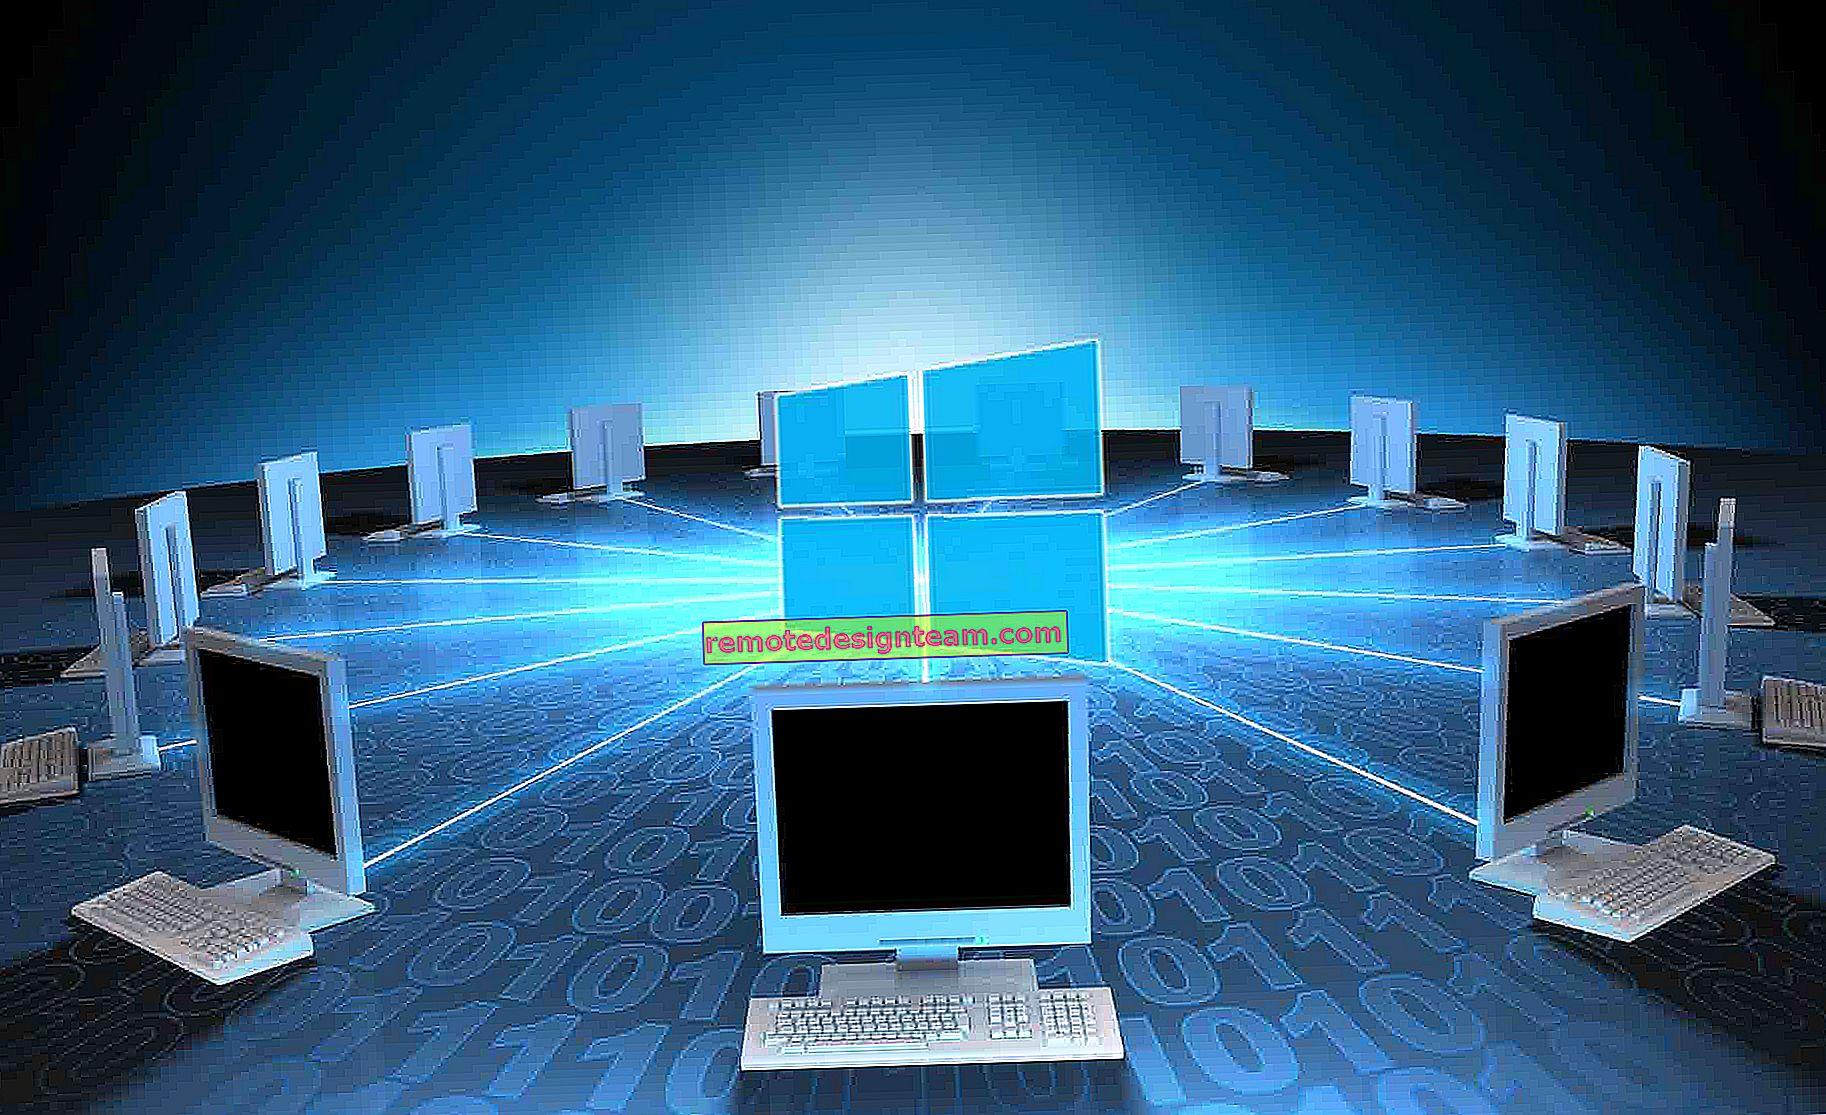 Домашня мережа через Wi-Fi роутер між Windows 10 і Windows 7 (через домашню групу)